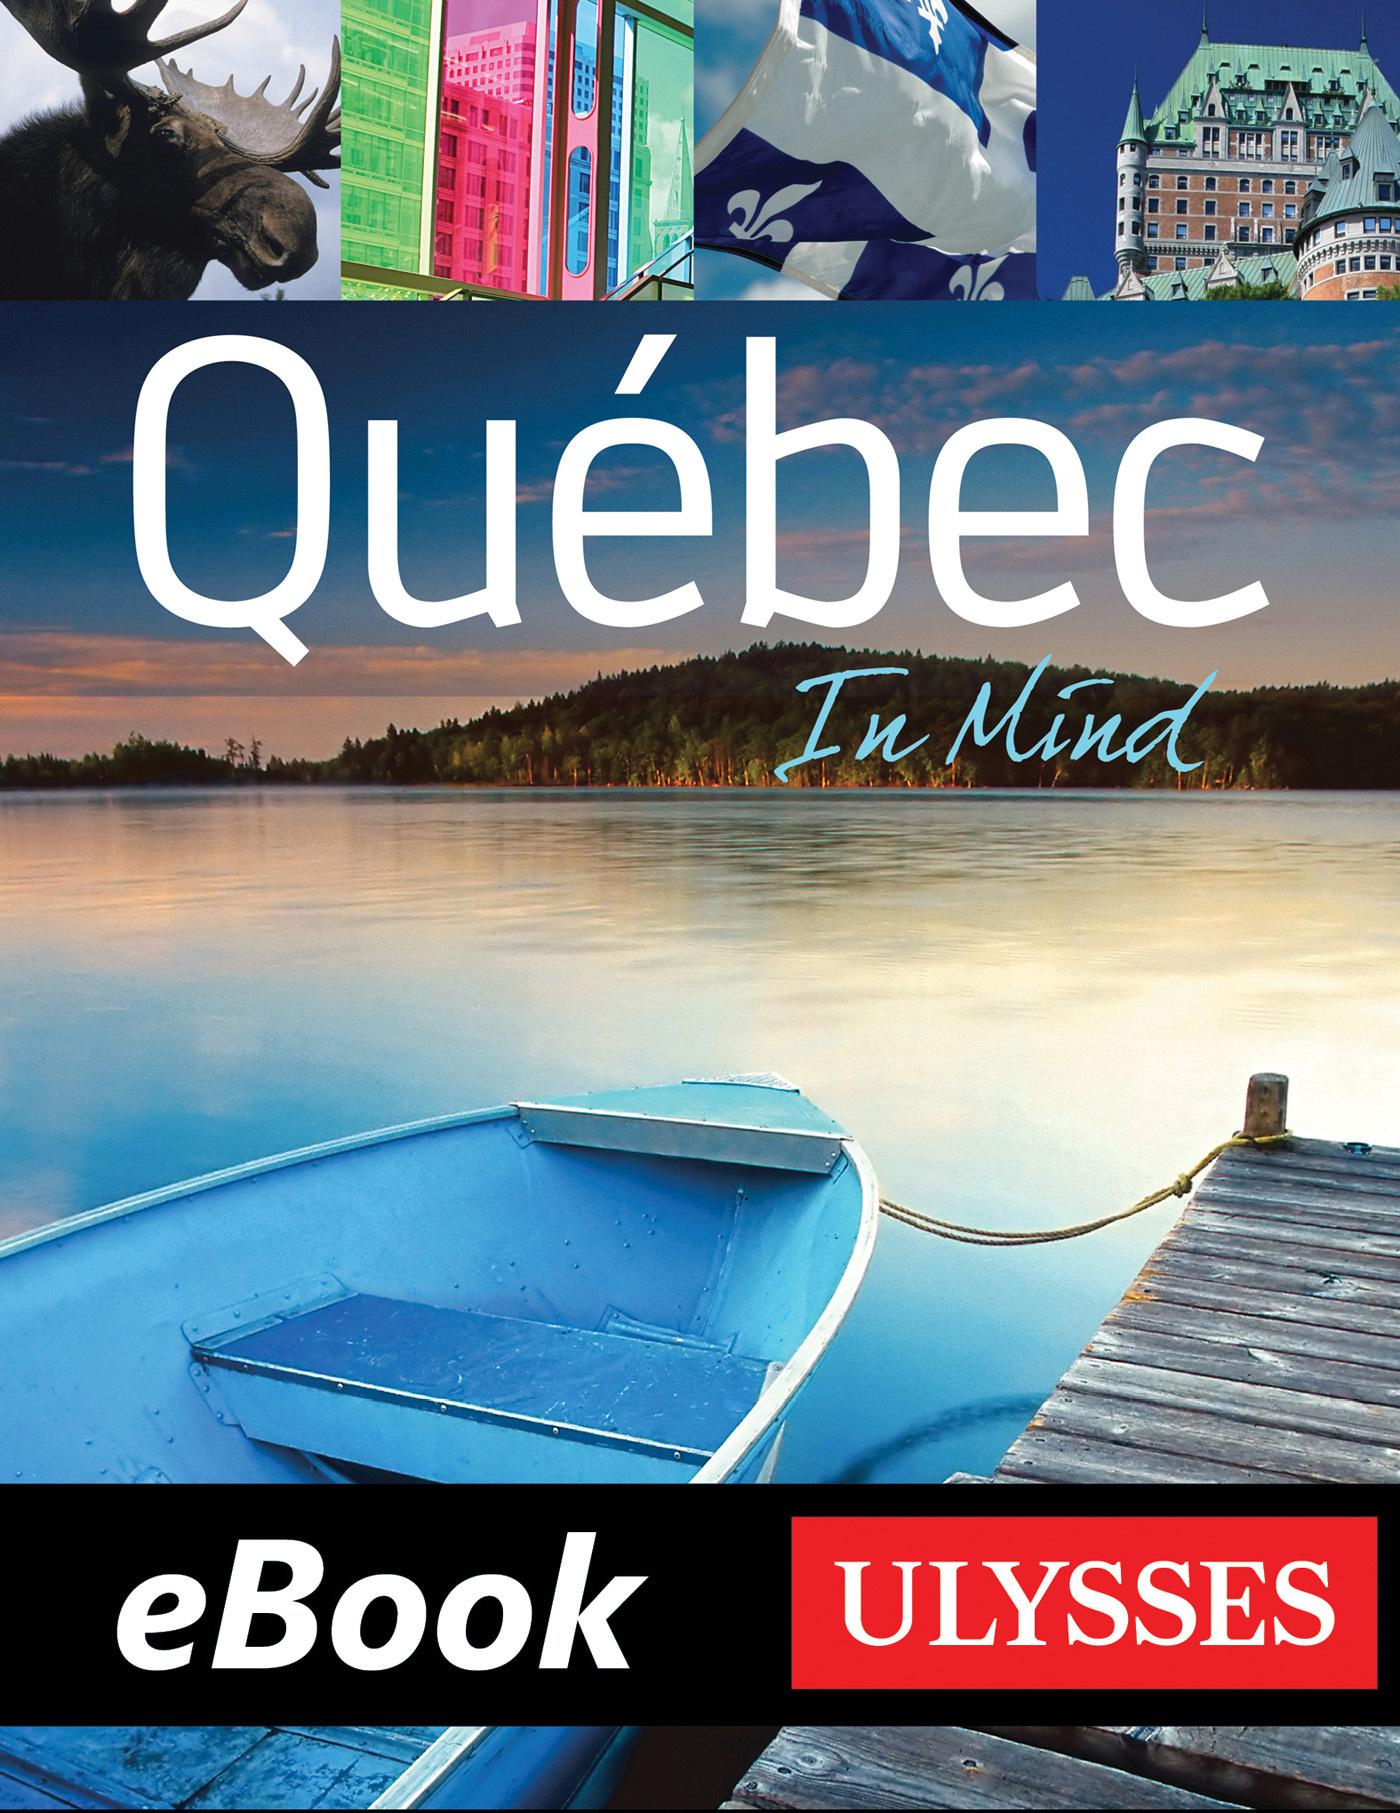 Quebec in mind